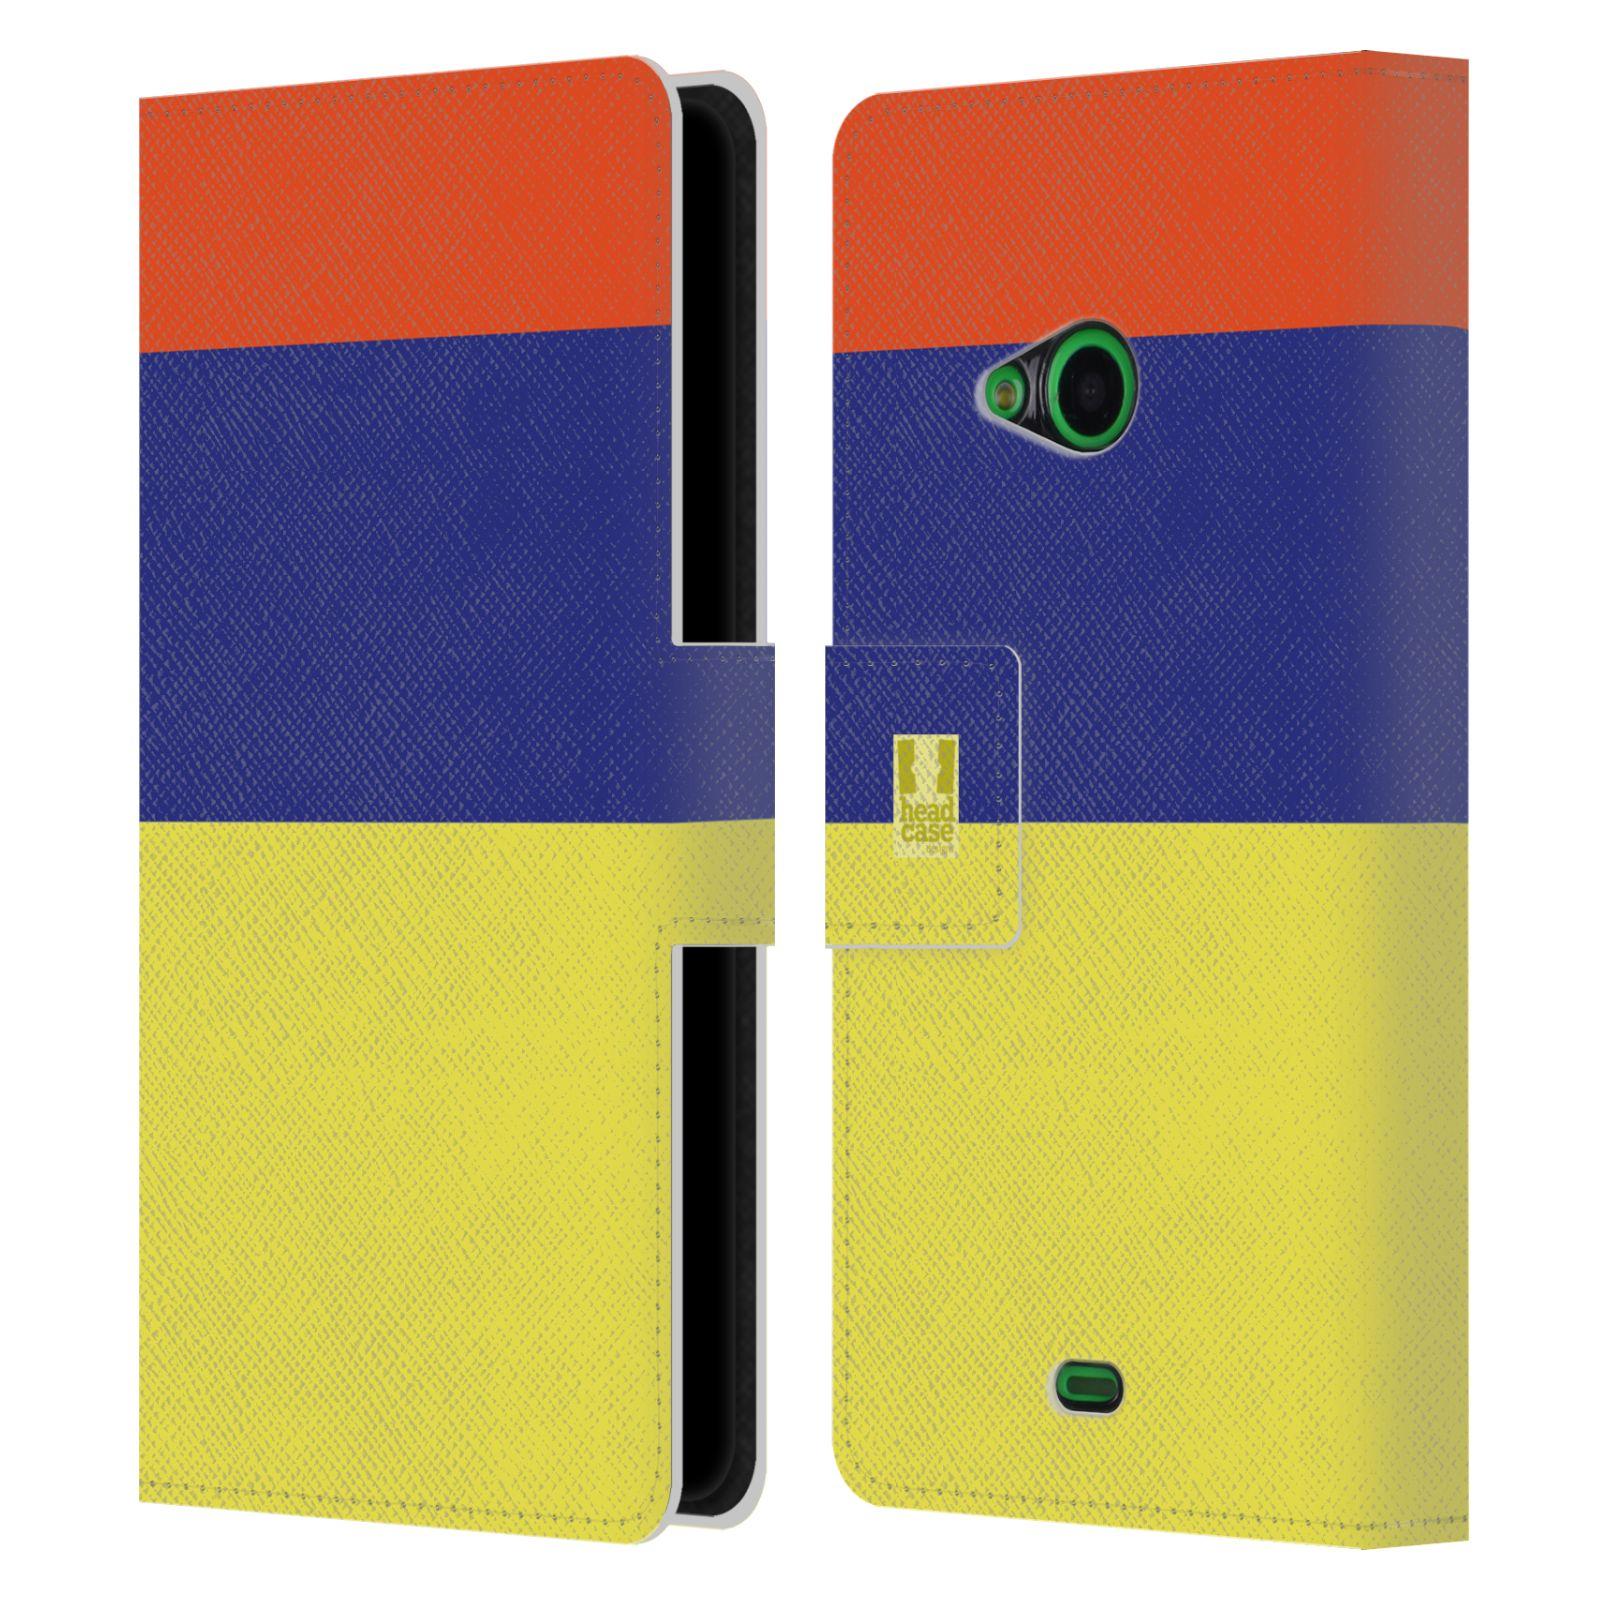 HEAD CASE Flipové pouzdro pro mobil Nokia LUMIA 535 barevné tvary žlutá, modrá, červená